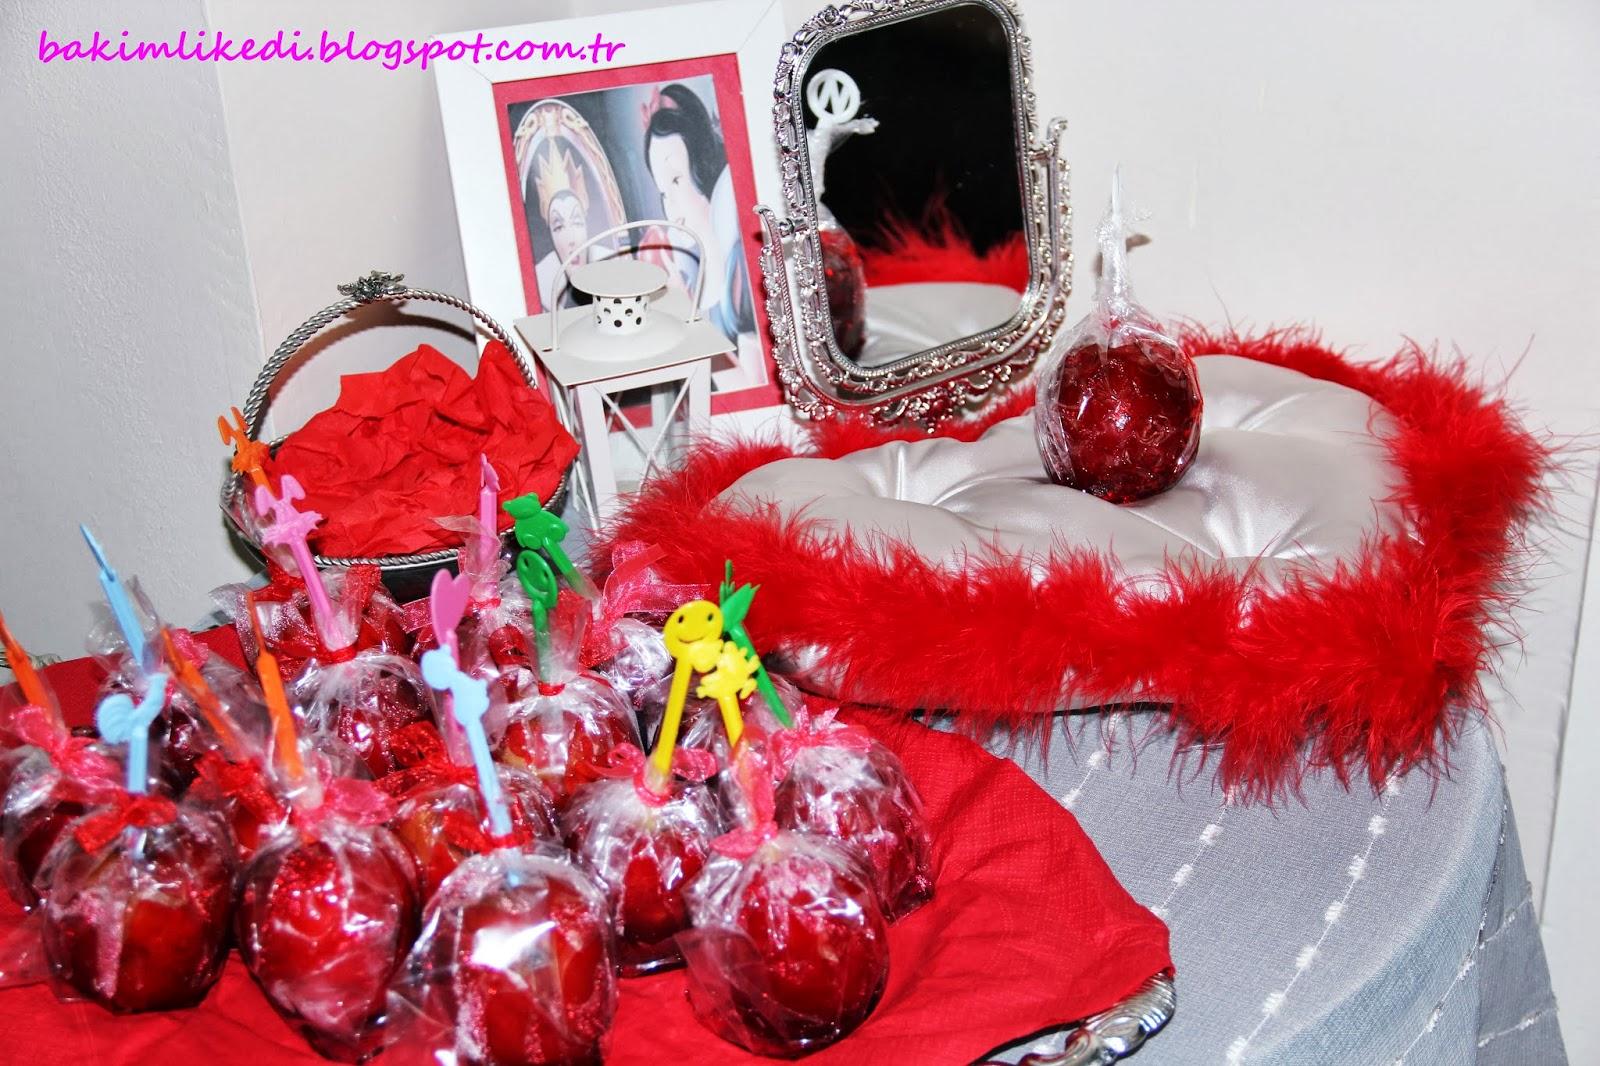 Banu ablam kendi elleriyle, misafirlere hediye edilmek üzere elma